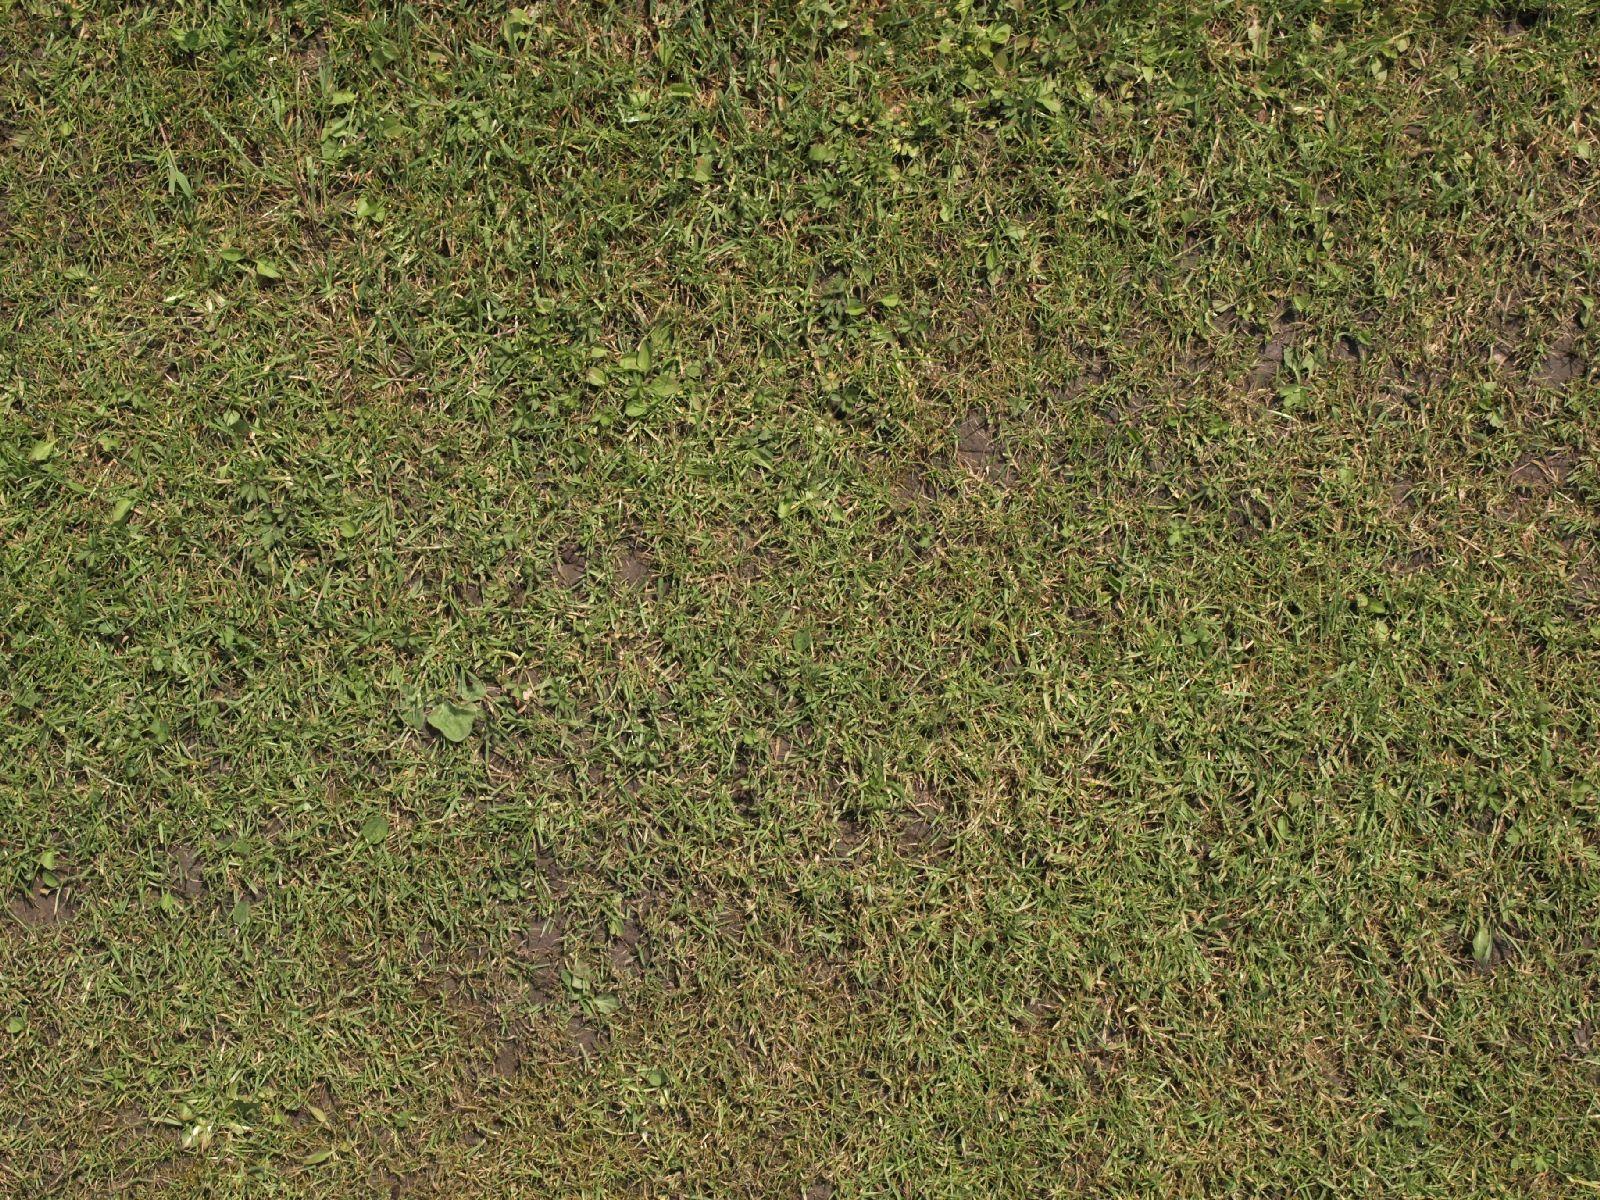 Boden-Gras-Moos-Blumen_Textur_A_P5103377